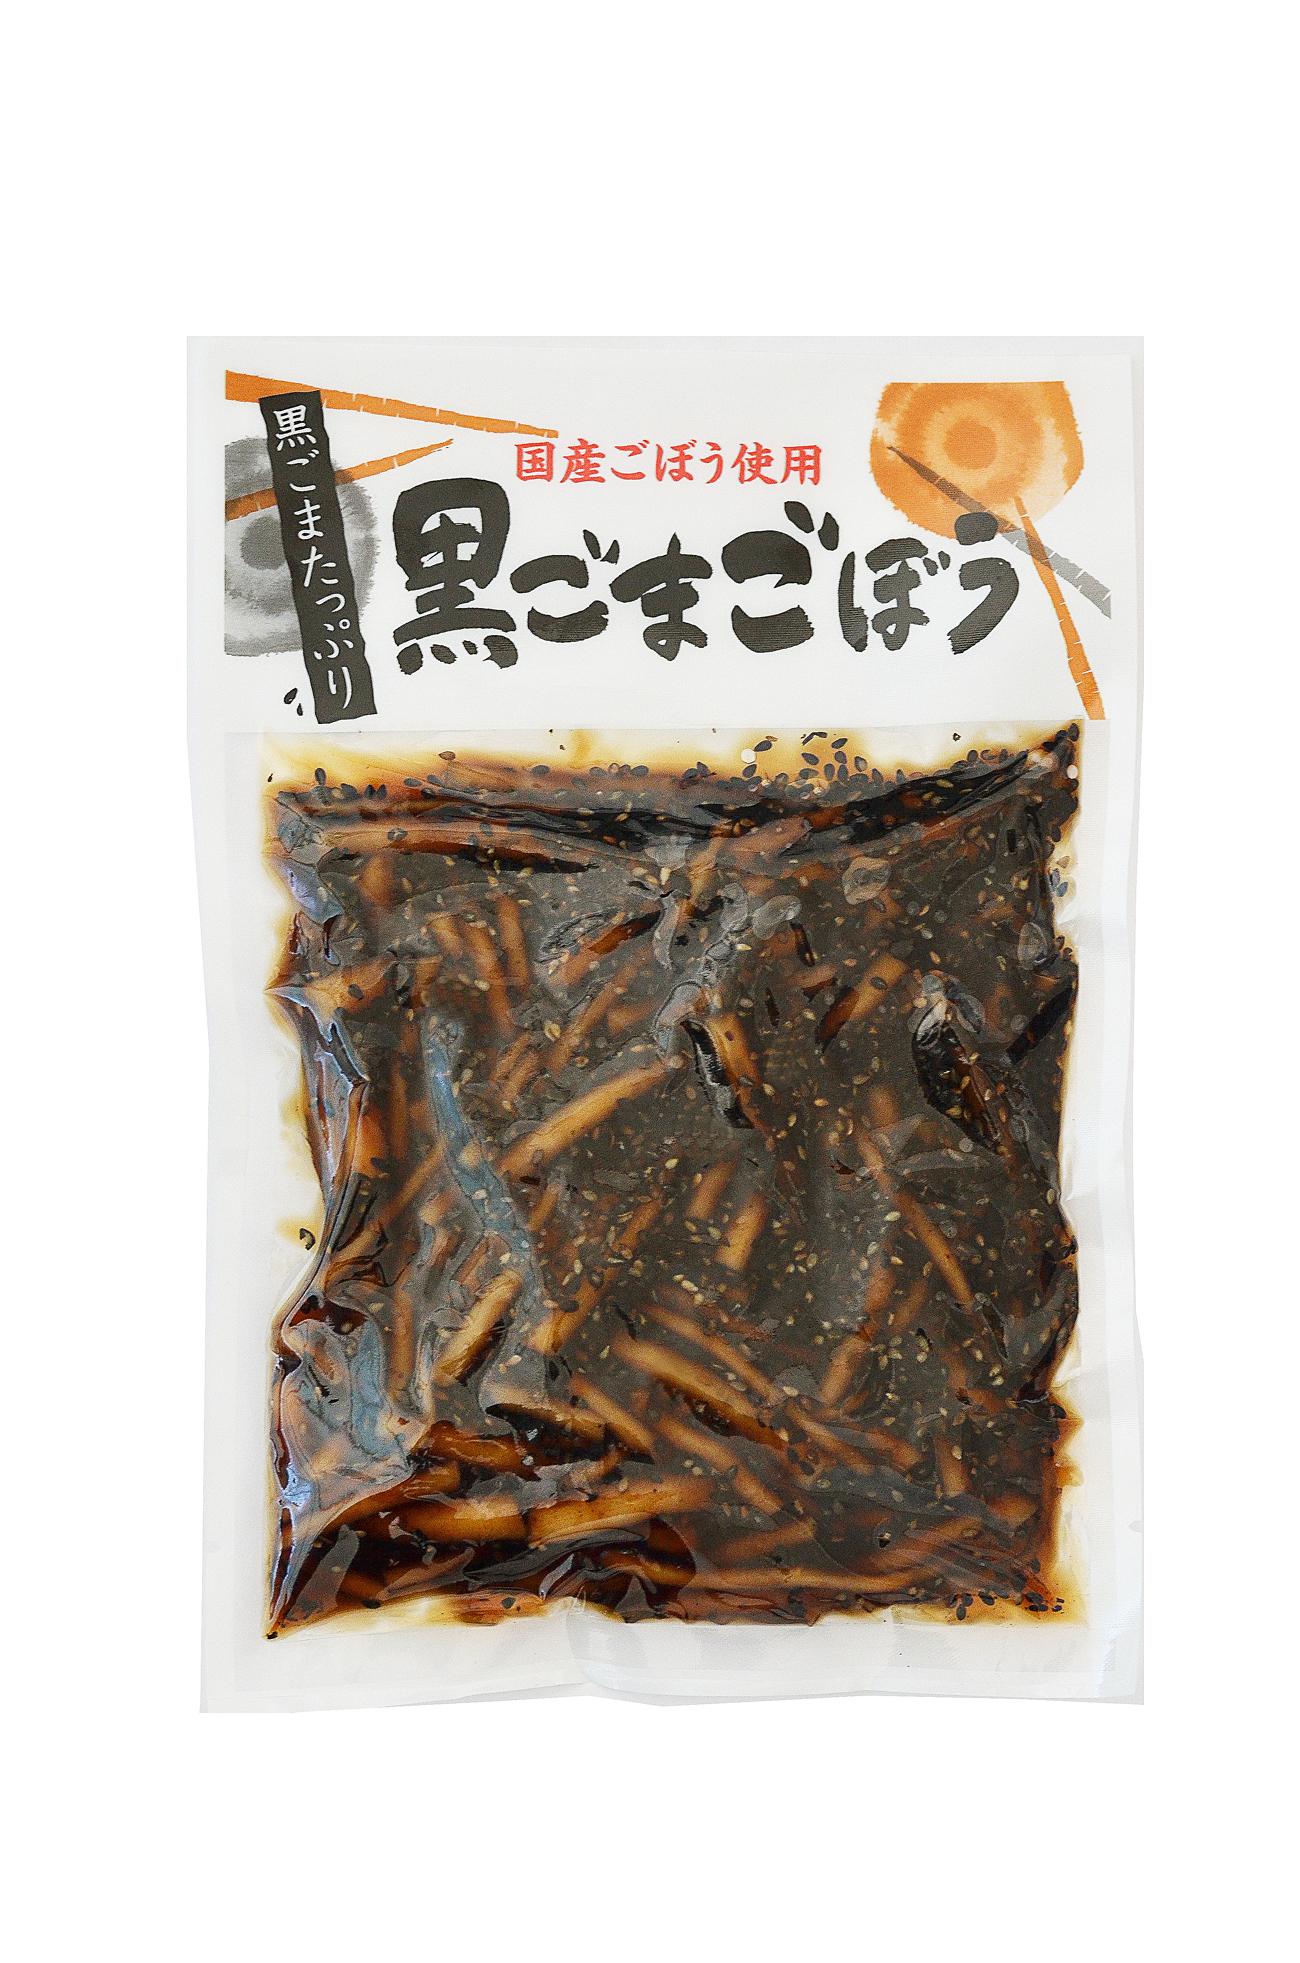 黒ゴマごぼう!黒ごまたっぷりのたまり醤油がごぼうの旨味を引き立てます!